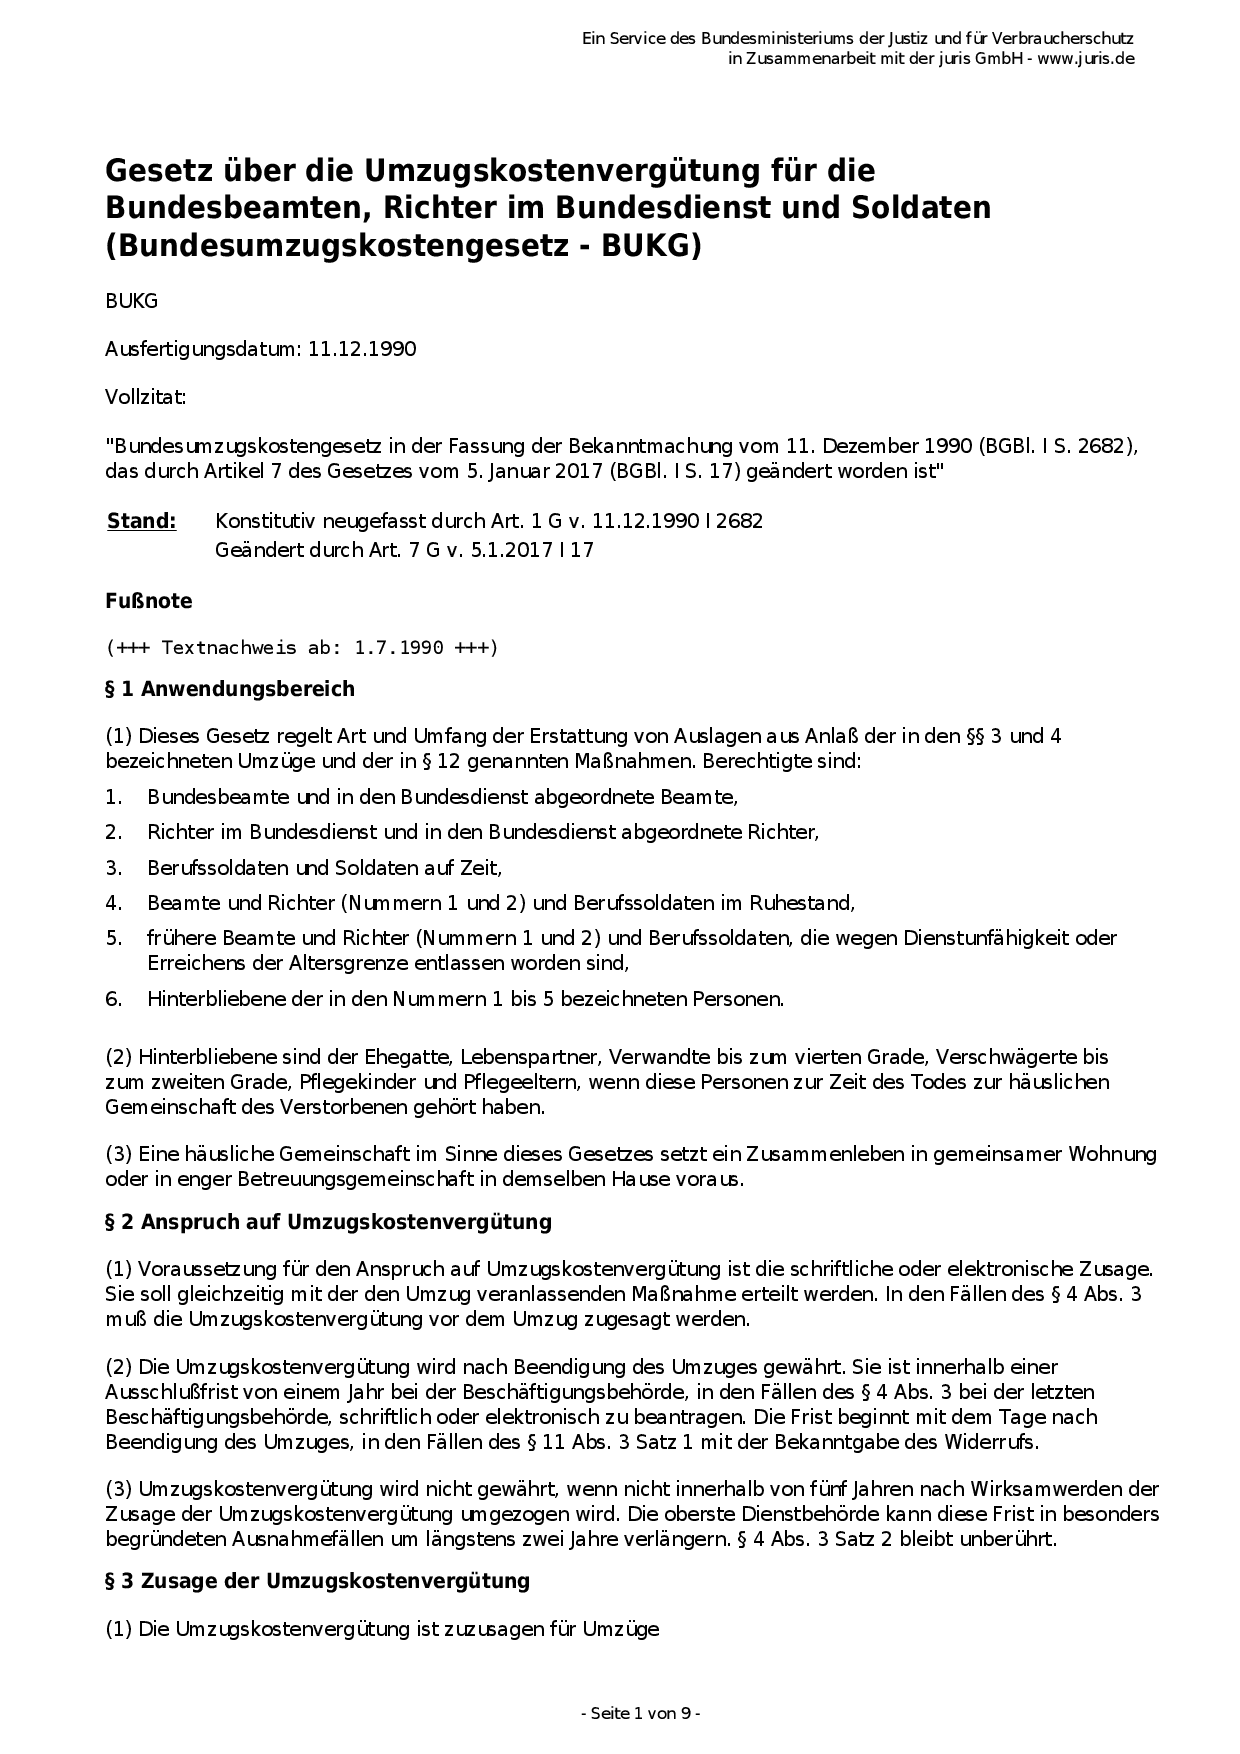 Bundesumzugskostengesetz